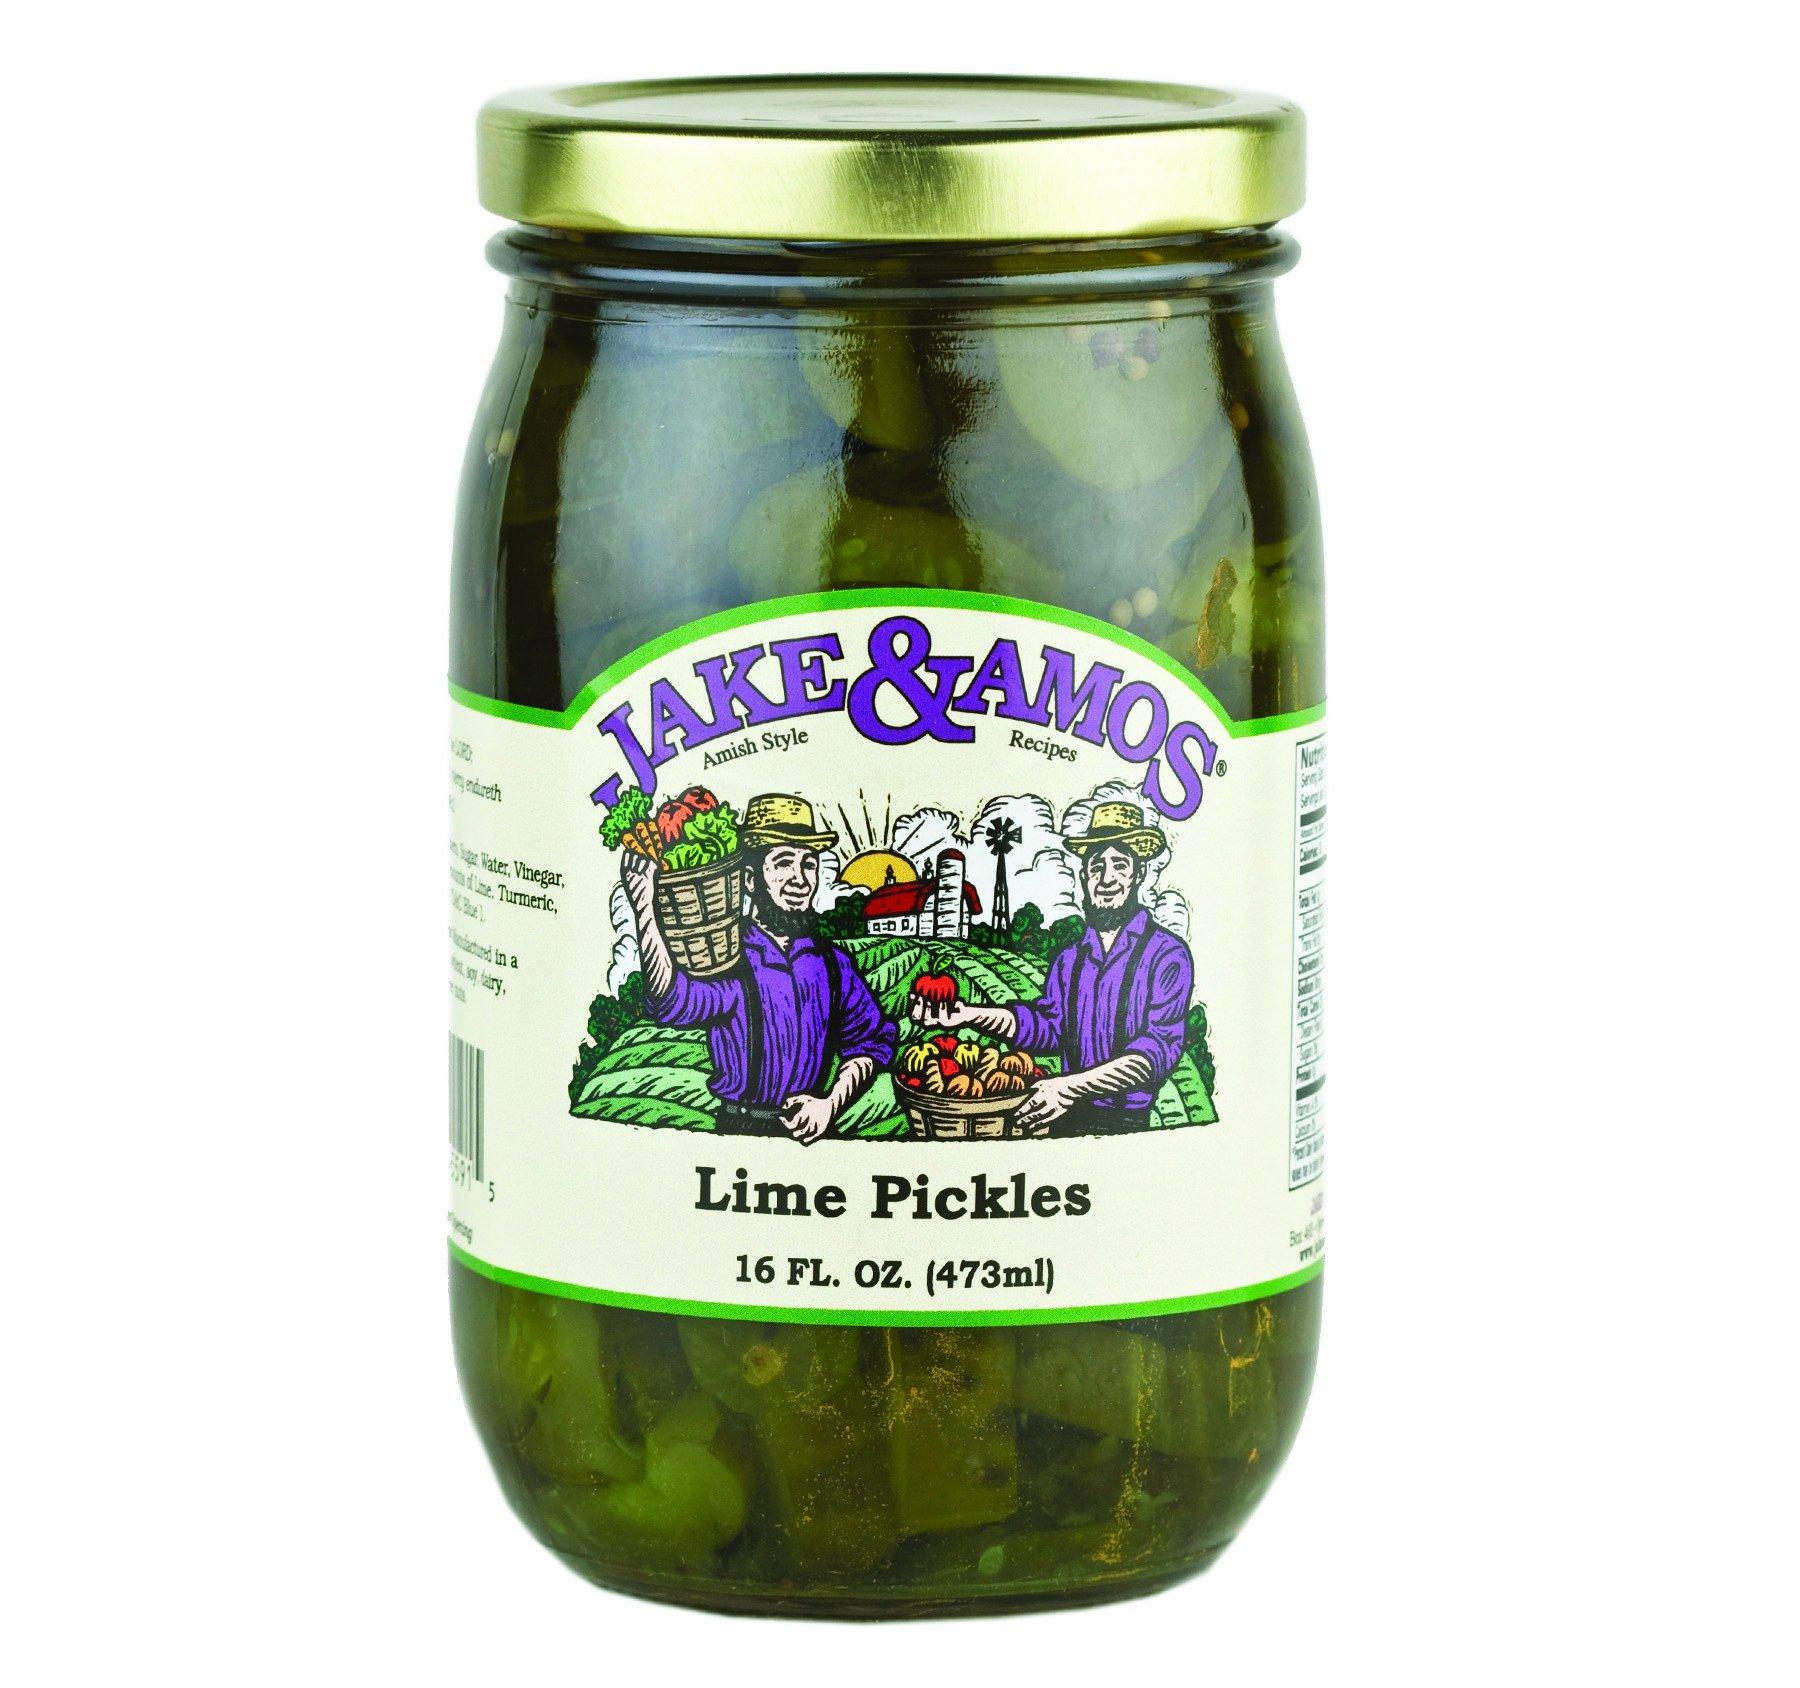 Jake & Amos Lime Pickles 16 oz. Jar (2 Jars)